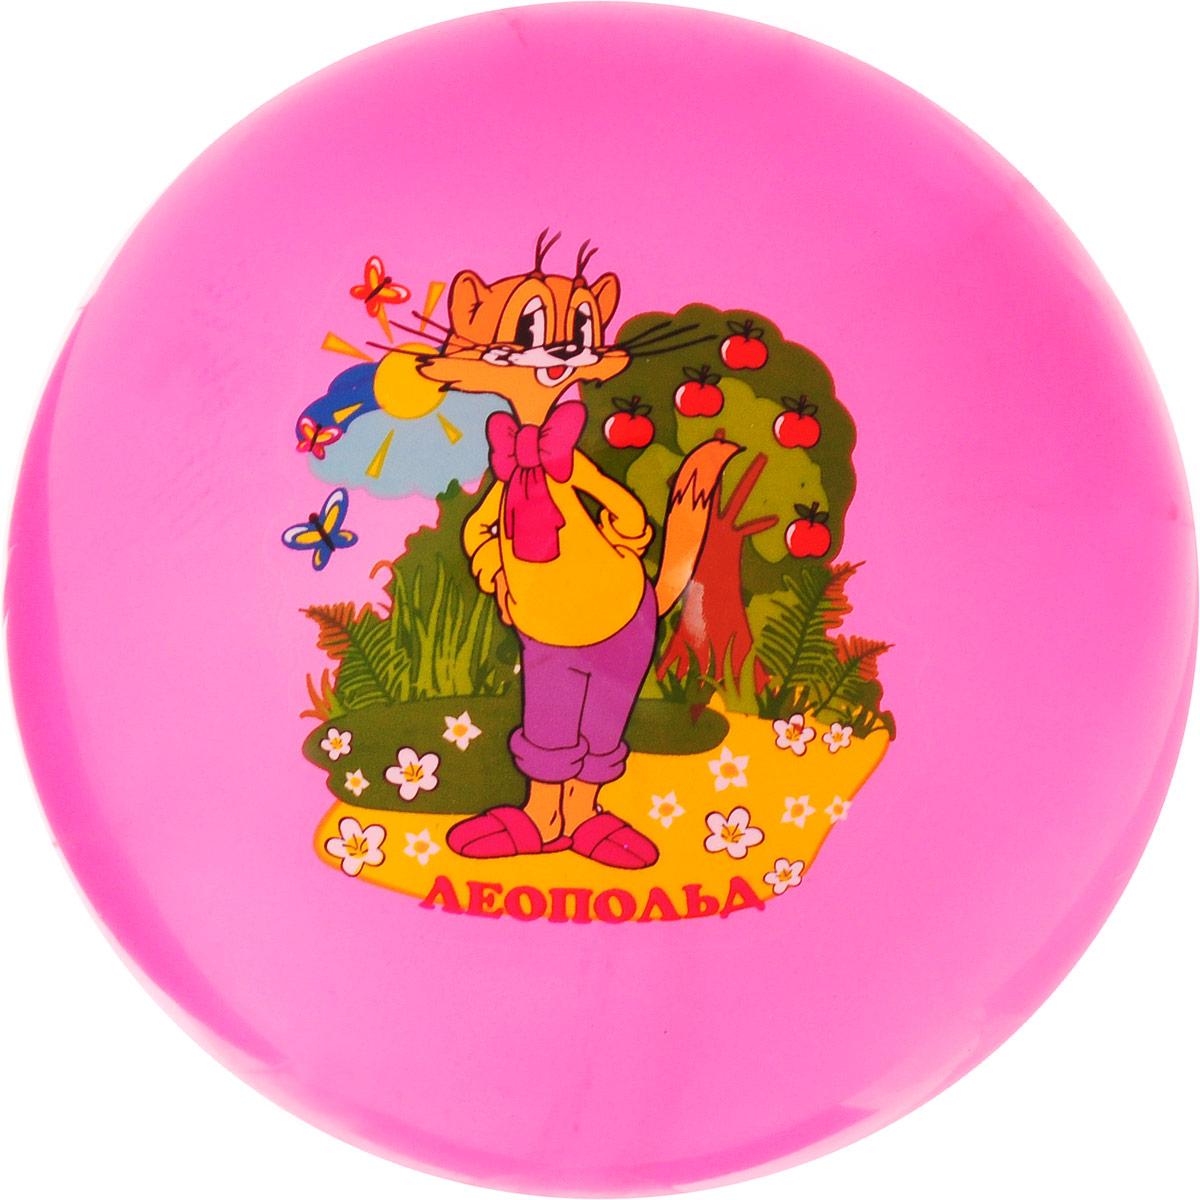 Играем вместе Мяч Кот Леопольд цвет розовый 23 см матрас diamond rush solid cocos 12 dr 200x200x12 см